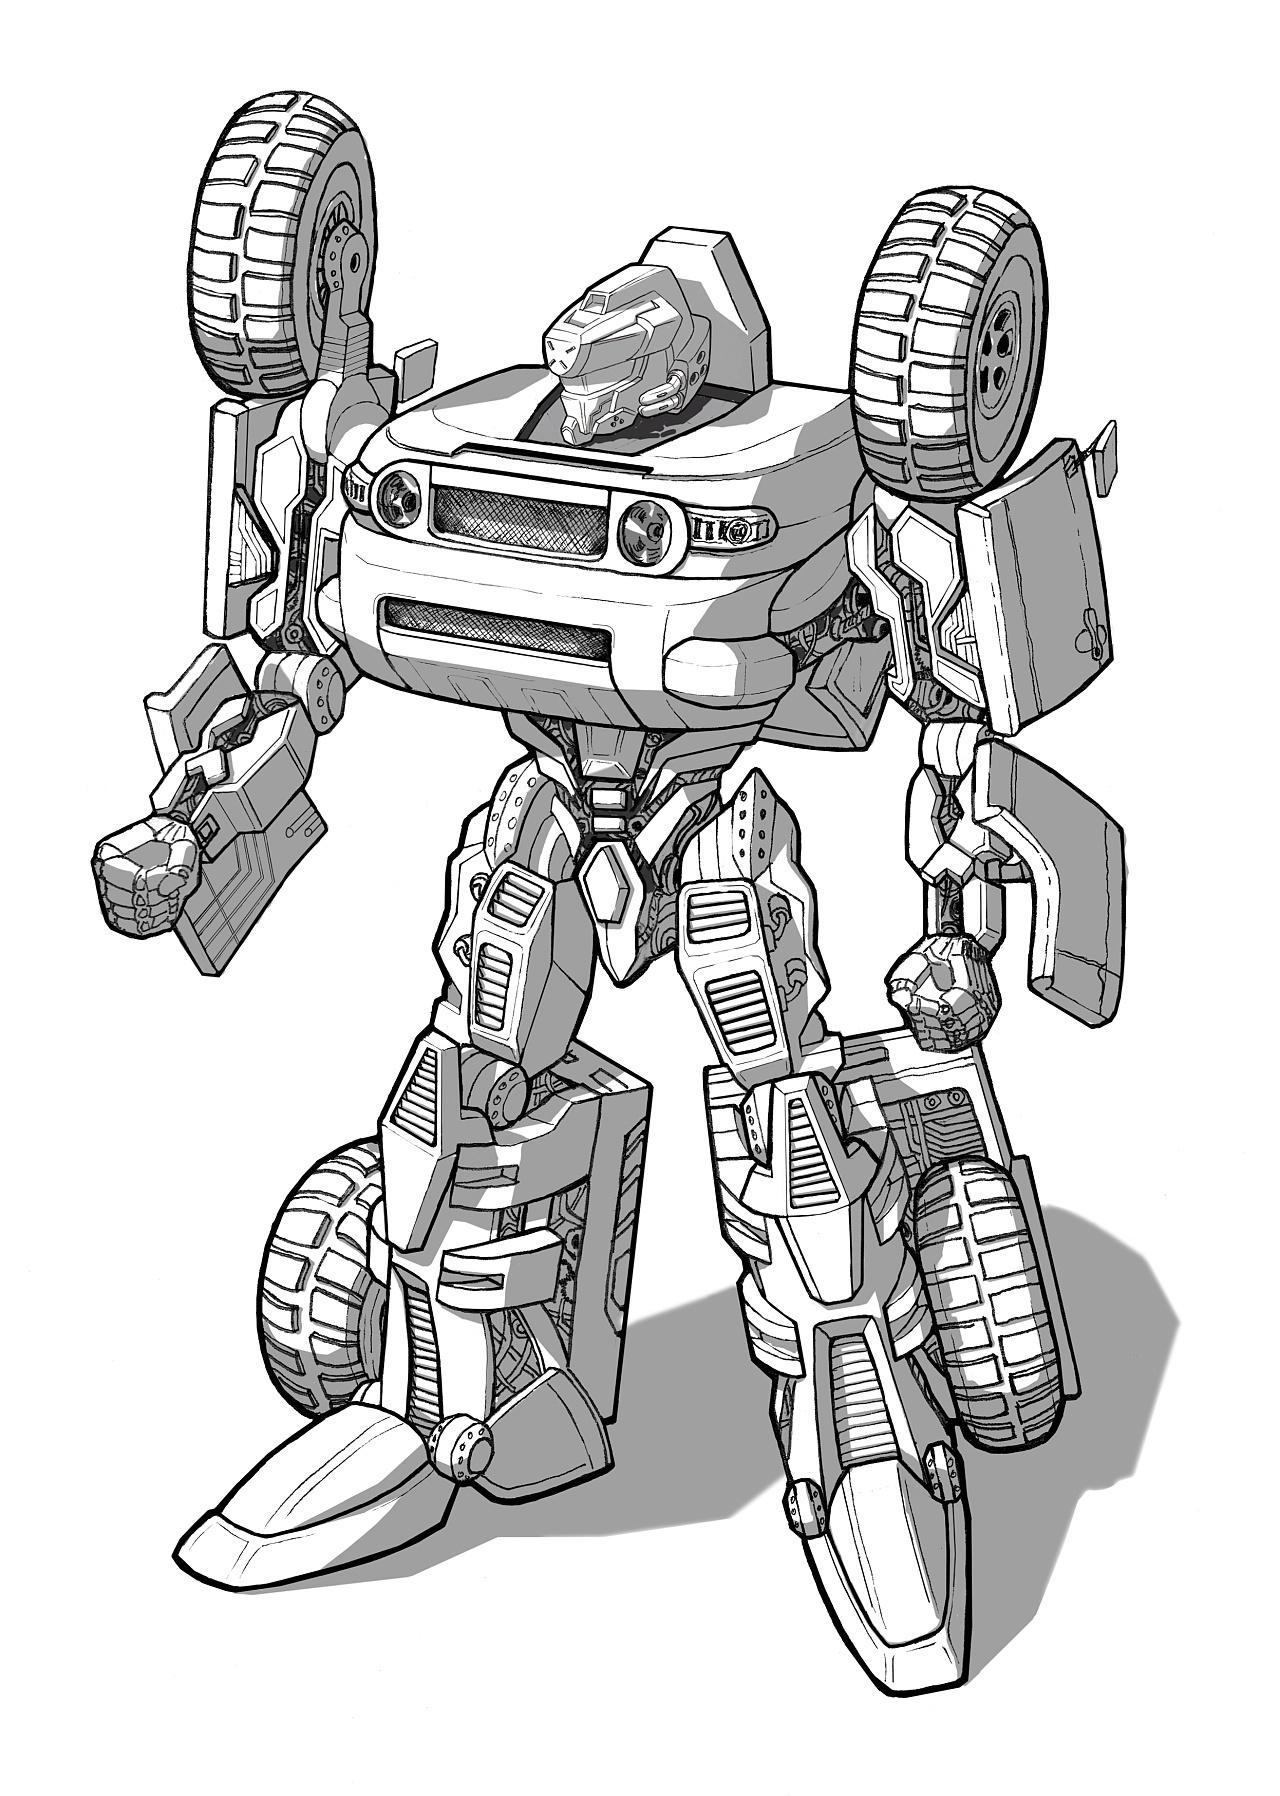 汽车变形机器人 丰田酷路泽